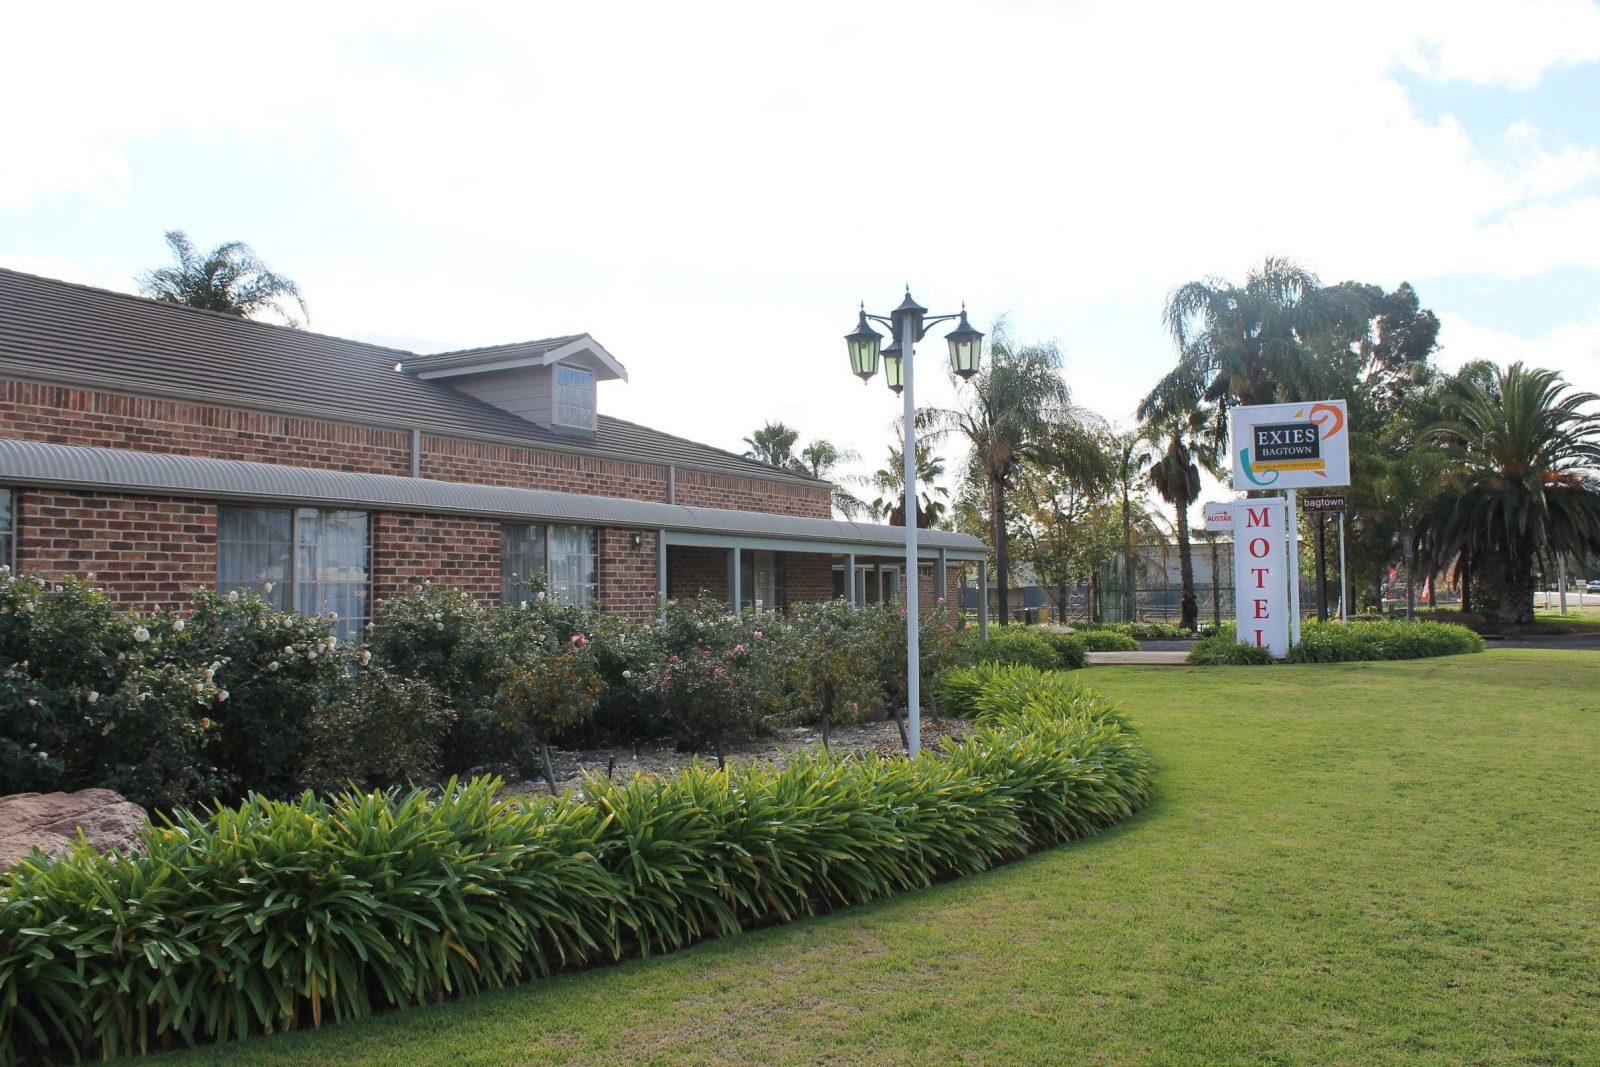 Exies Bagtown Motel